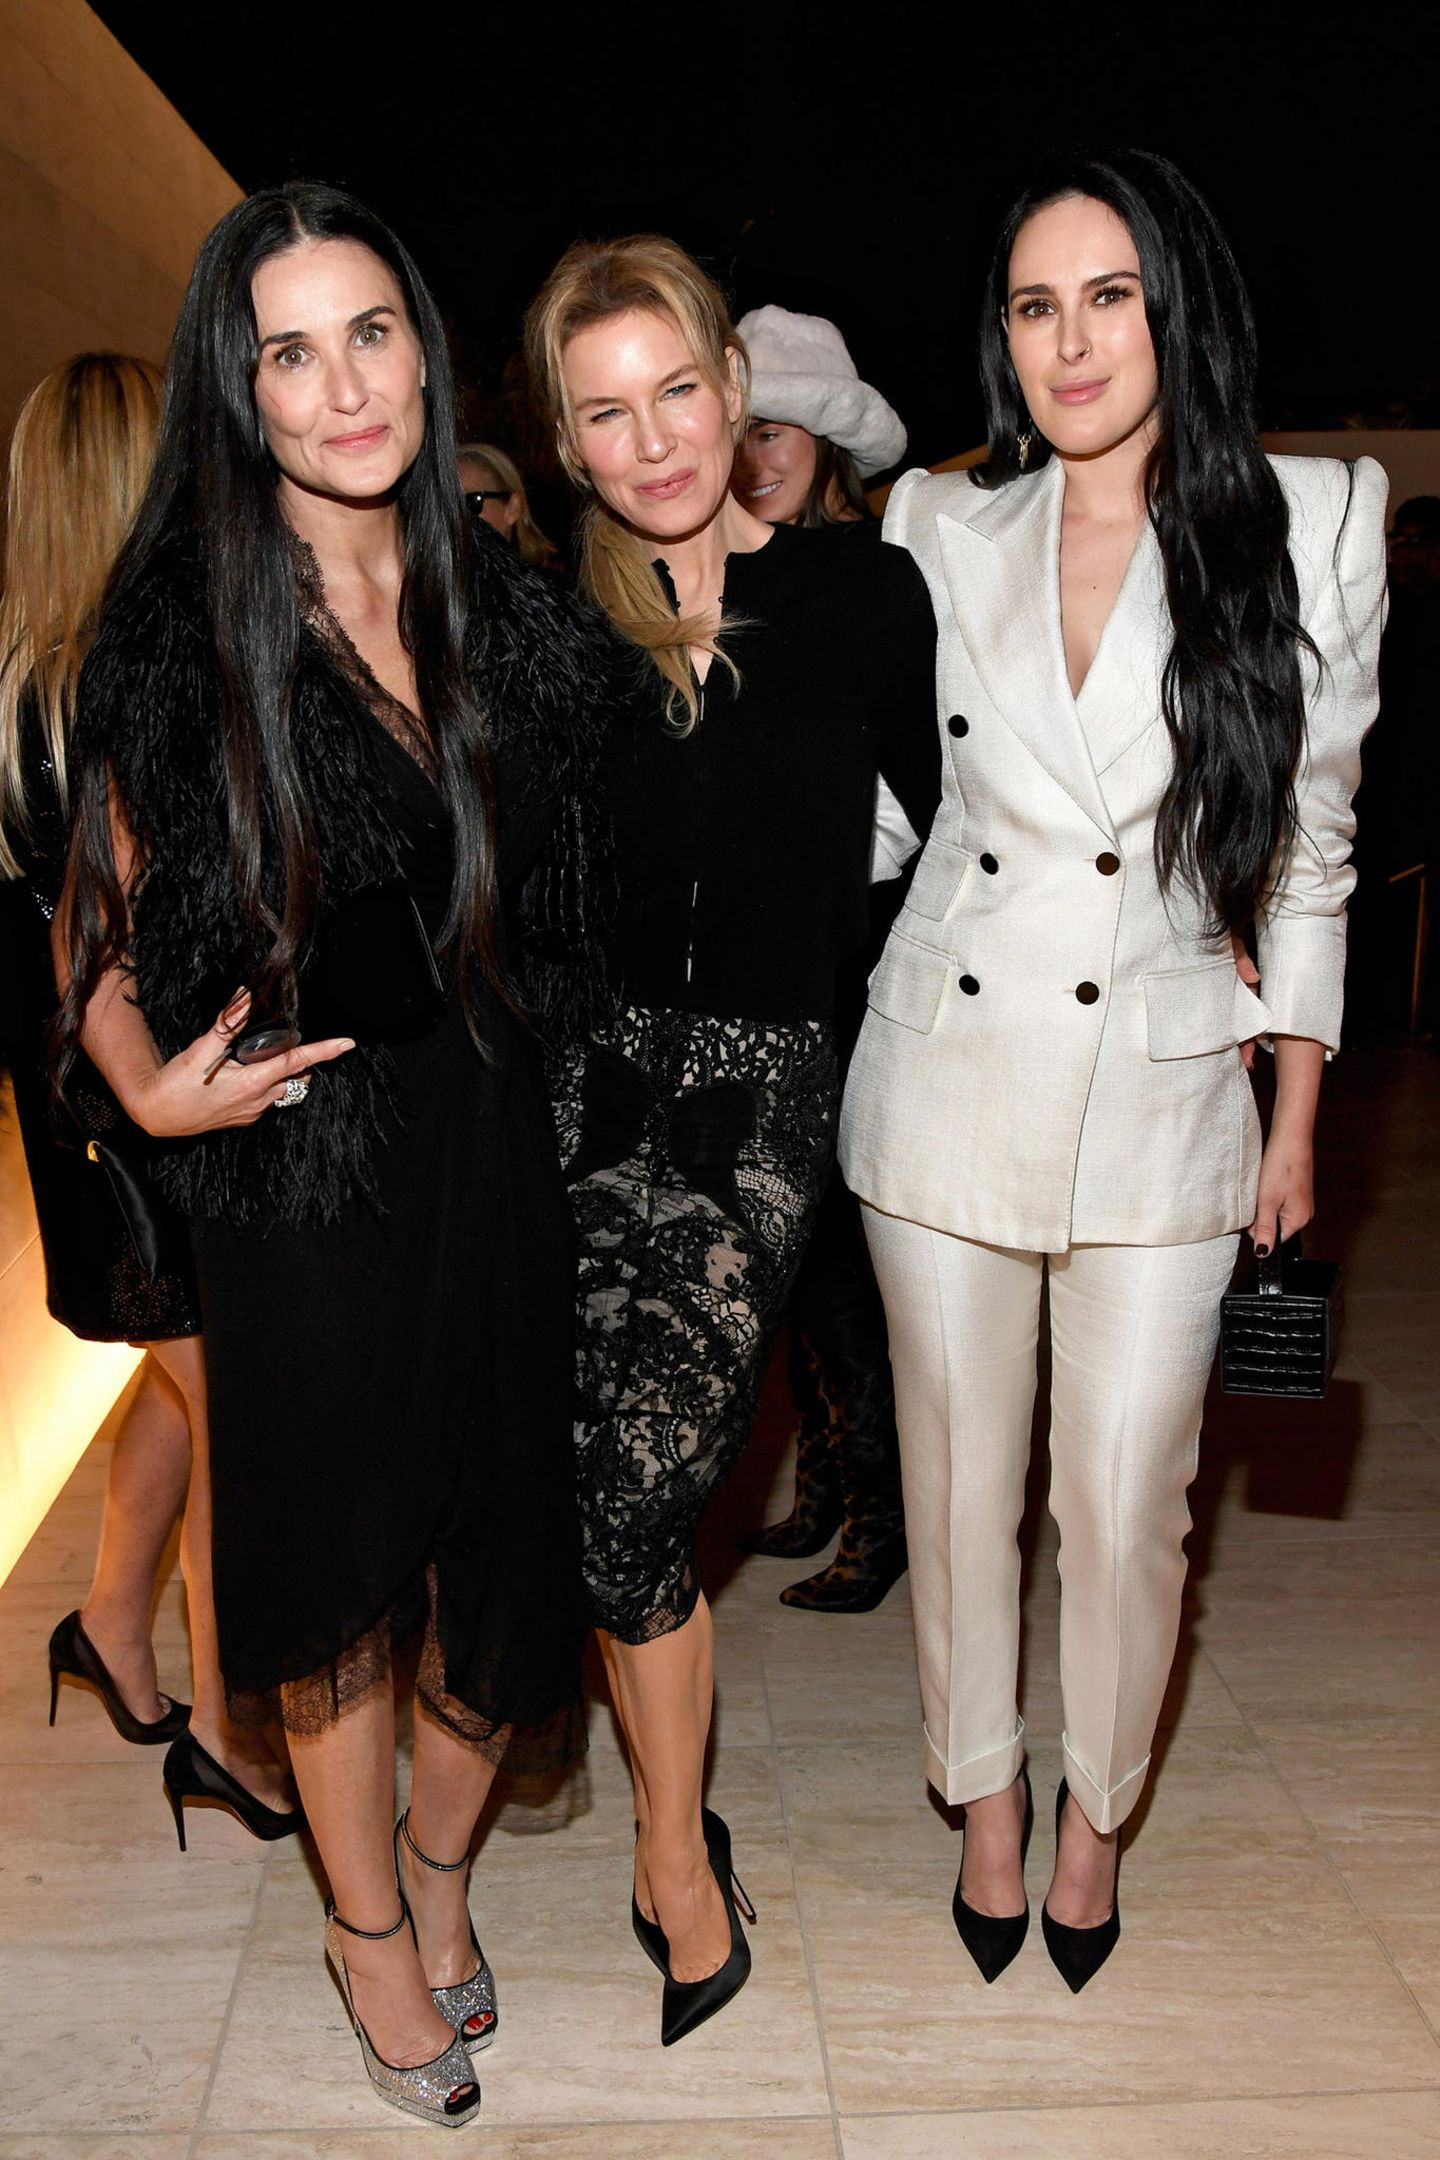 7. Februar 2020  Demi Moore, Renée Zellweger und Rumer Willis sind als stylisches Schwarz-Weiß-Trio bei Tom Ford unterwegs.